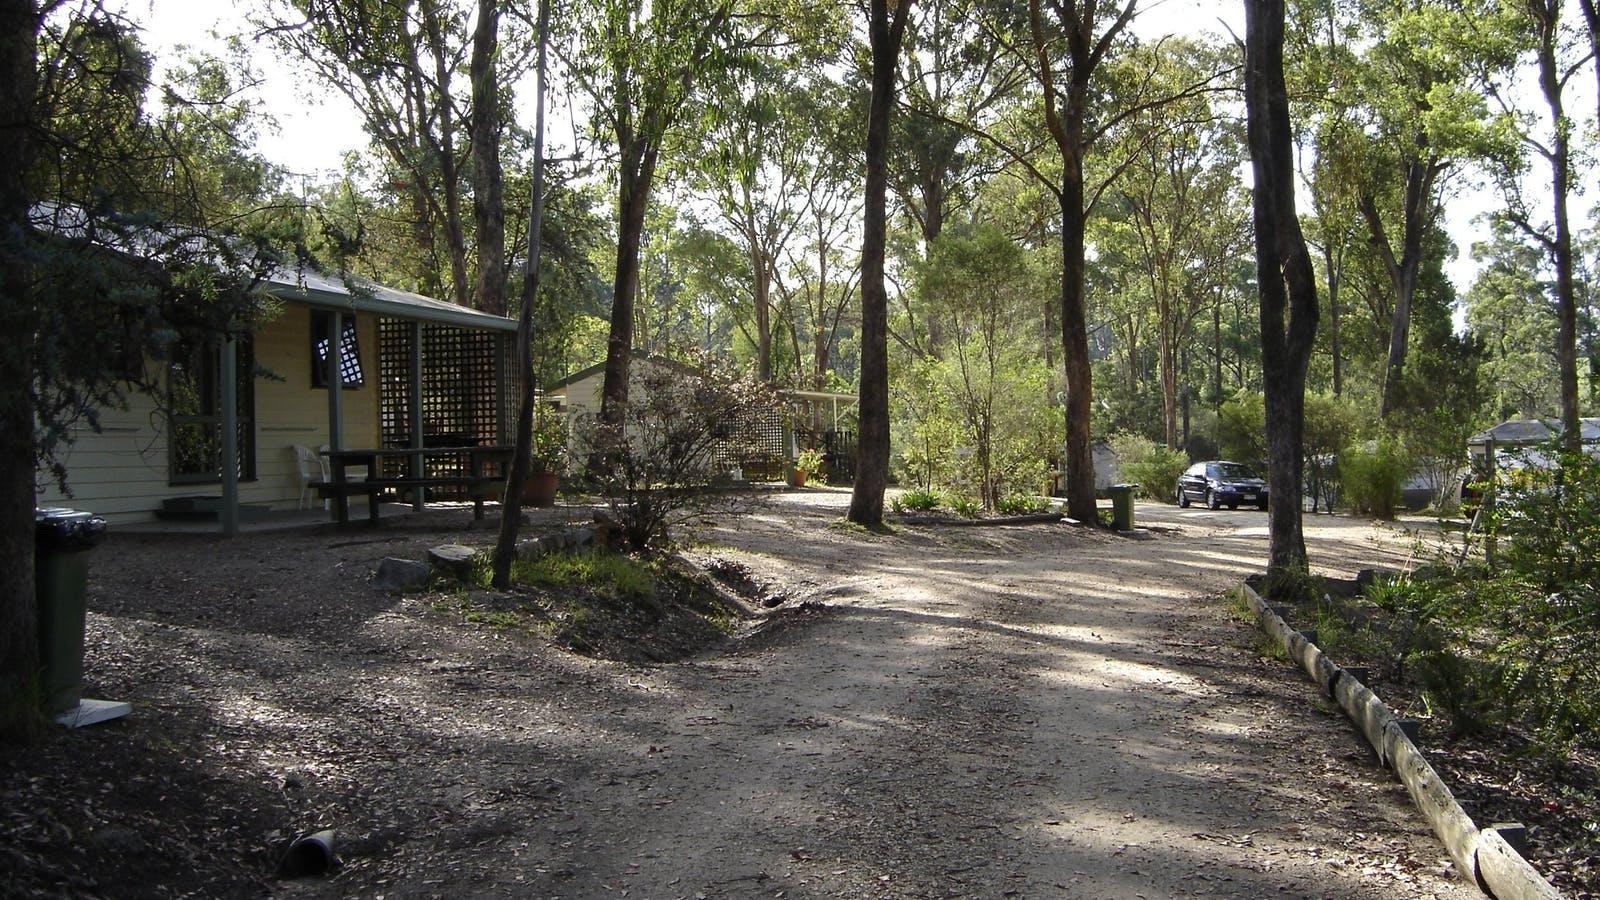 Park bushland setting